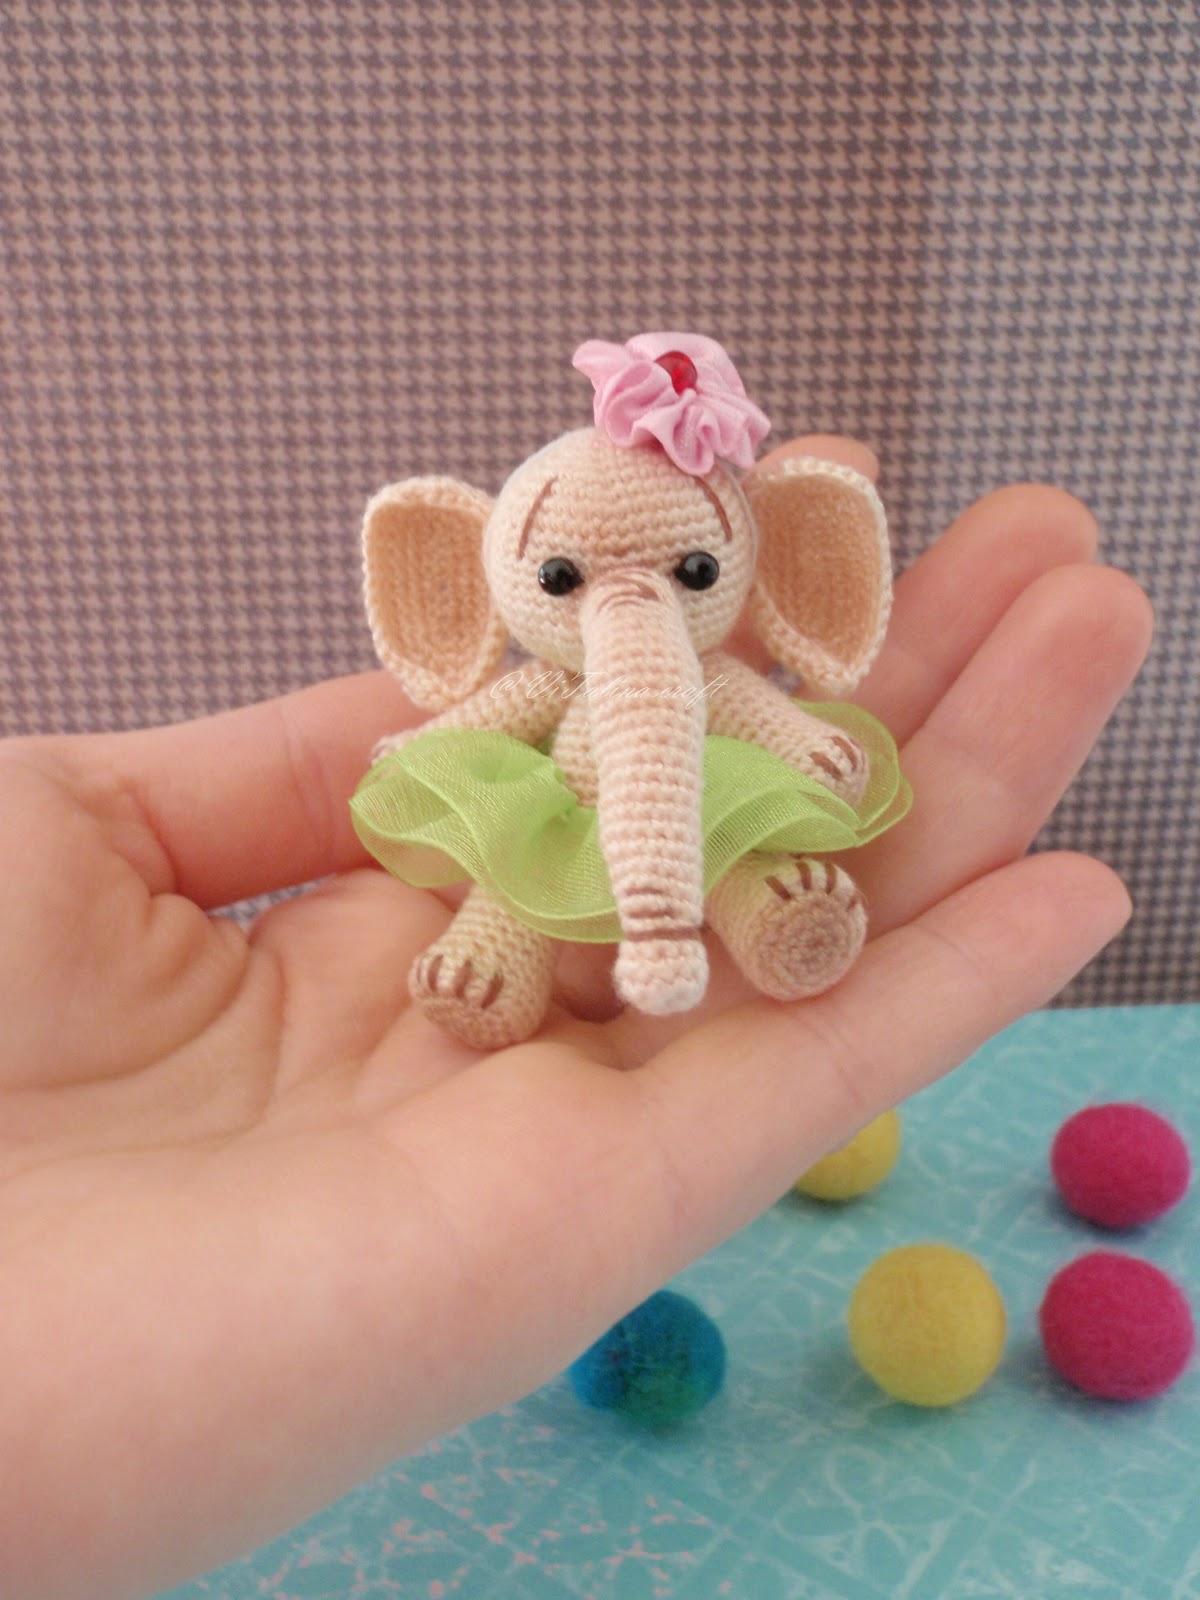 Amigurumi Crochet Mini Elephant Pattern by Little Bear Crochets | 1600x1200